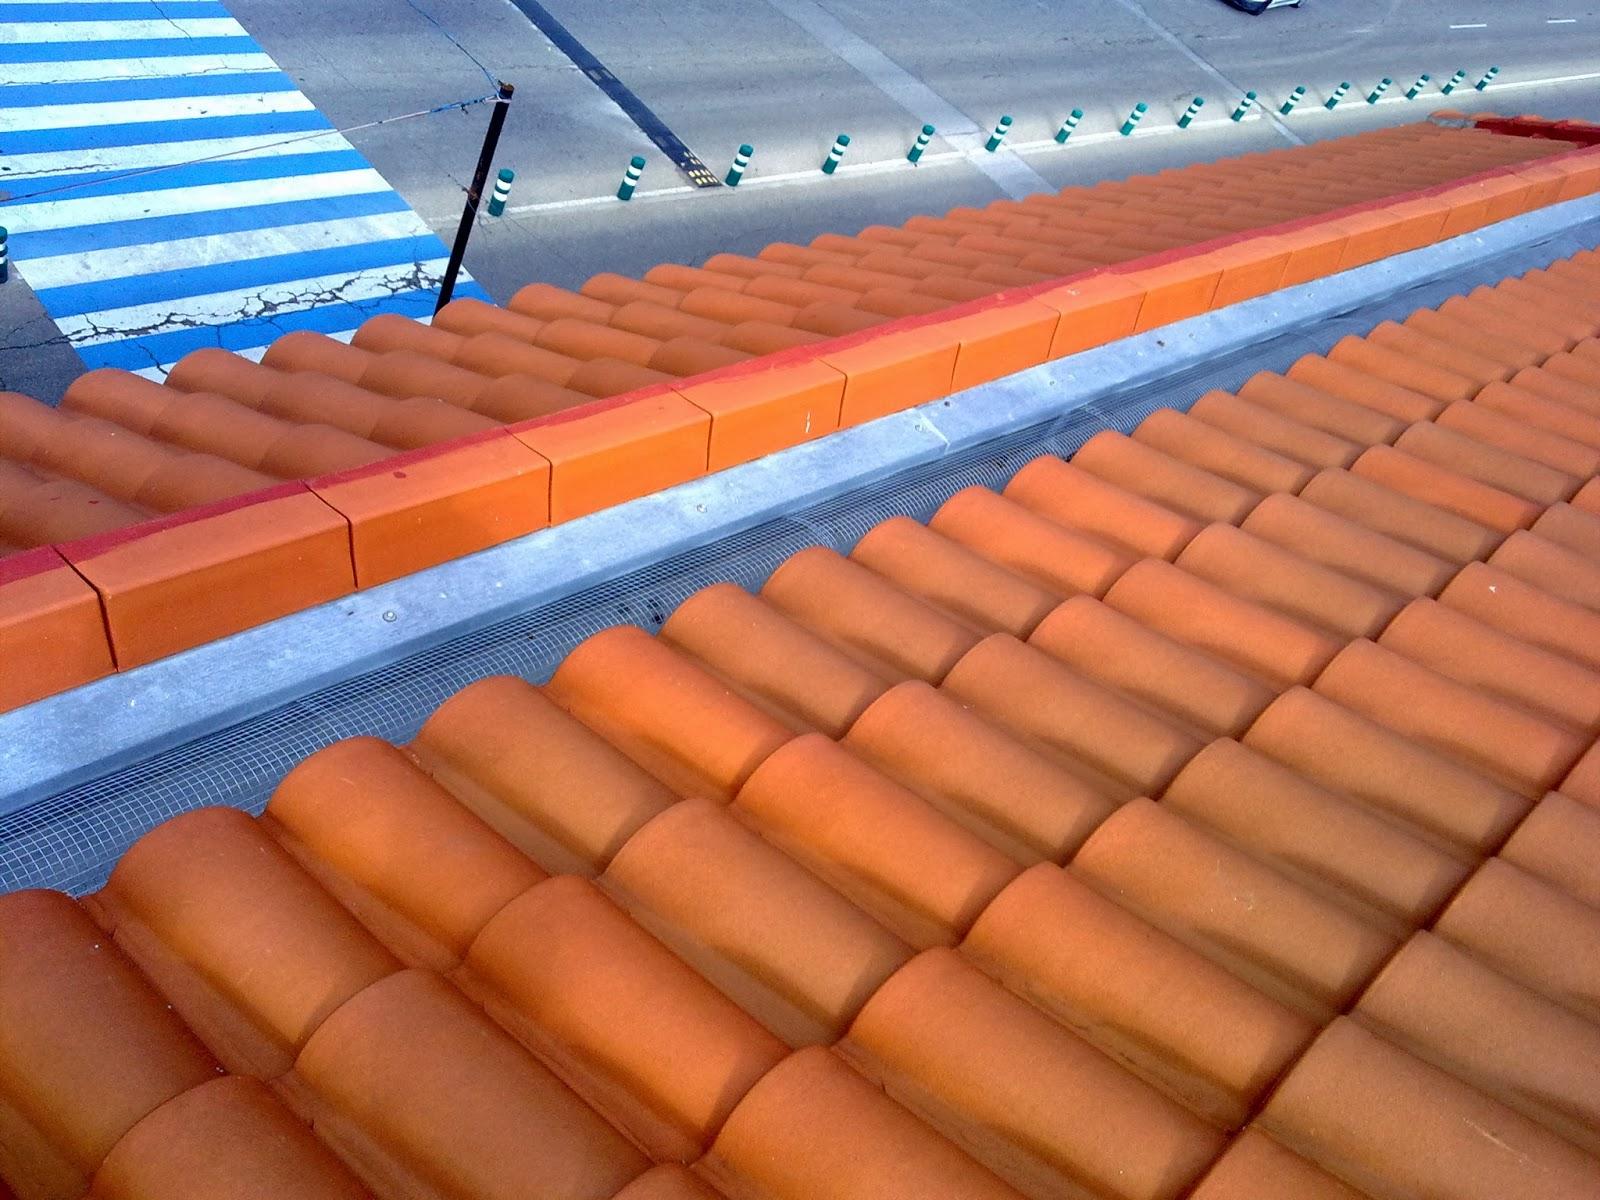 Limpieza de canalones de edificios y comunidades empresa trabajos verticales madrid msg - Fotos de canalones ...